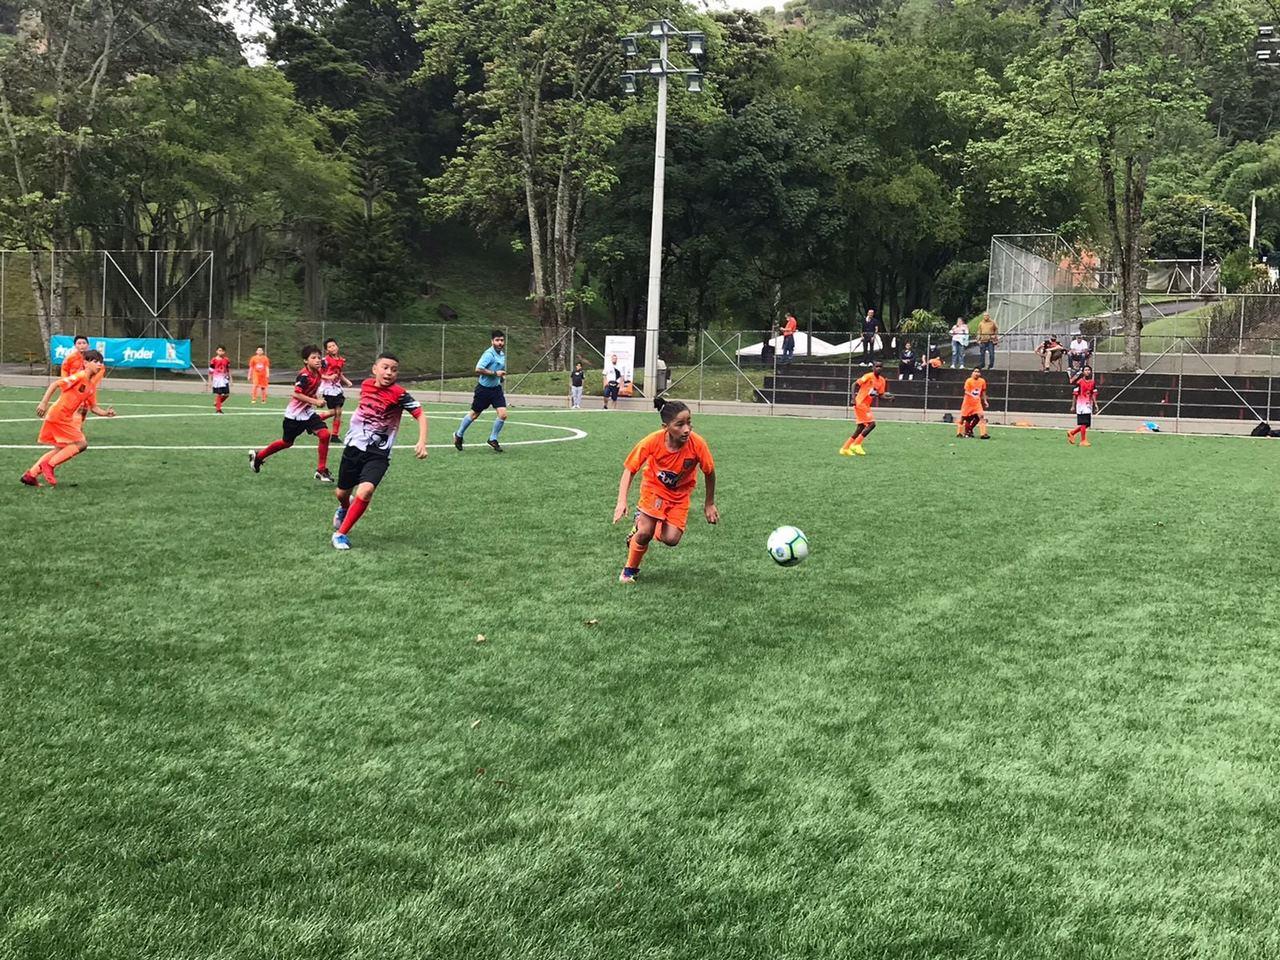 Torneo de futbol ninos 3